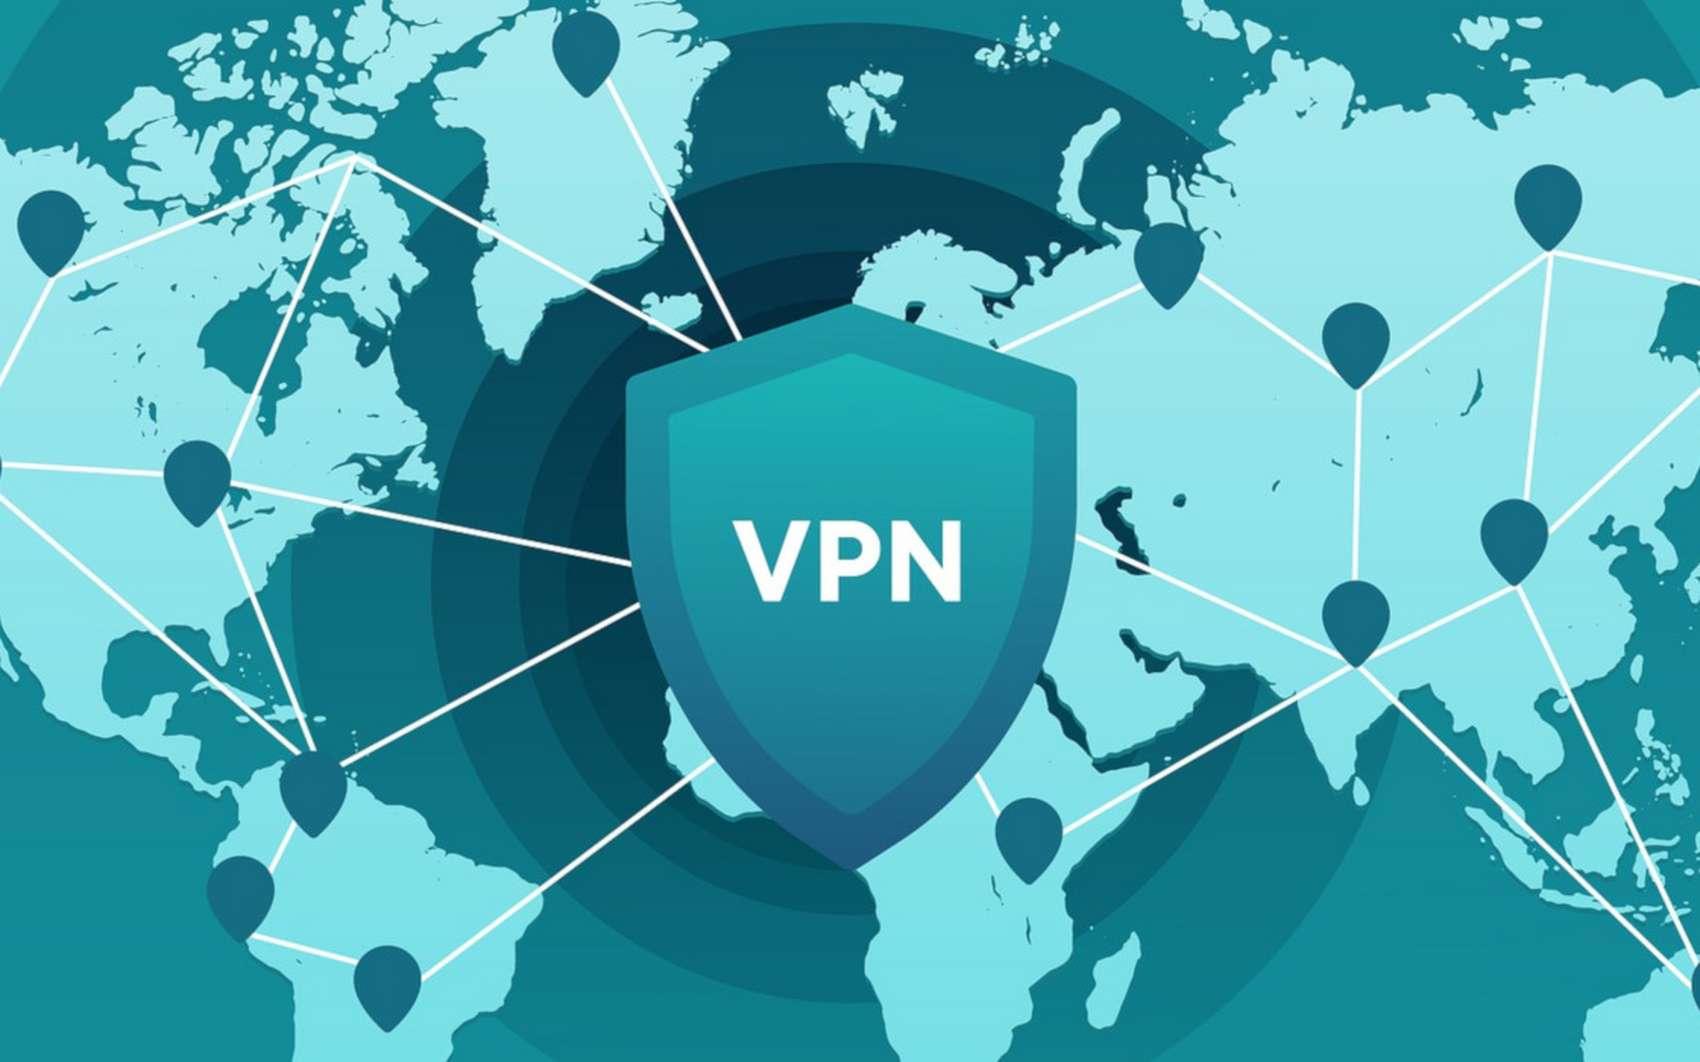 Le VPN est devenu en quelques années un outil incontournable pour renforcer la sécurité des ordinateurs en entreprise, tout comme à la maison. © Dan Nelson, Pixabay.com